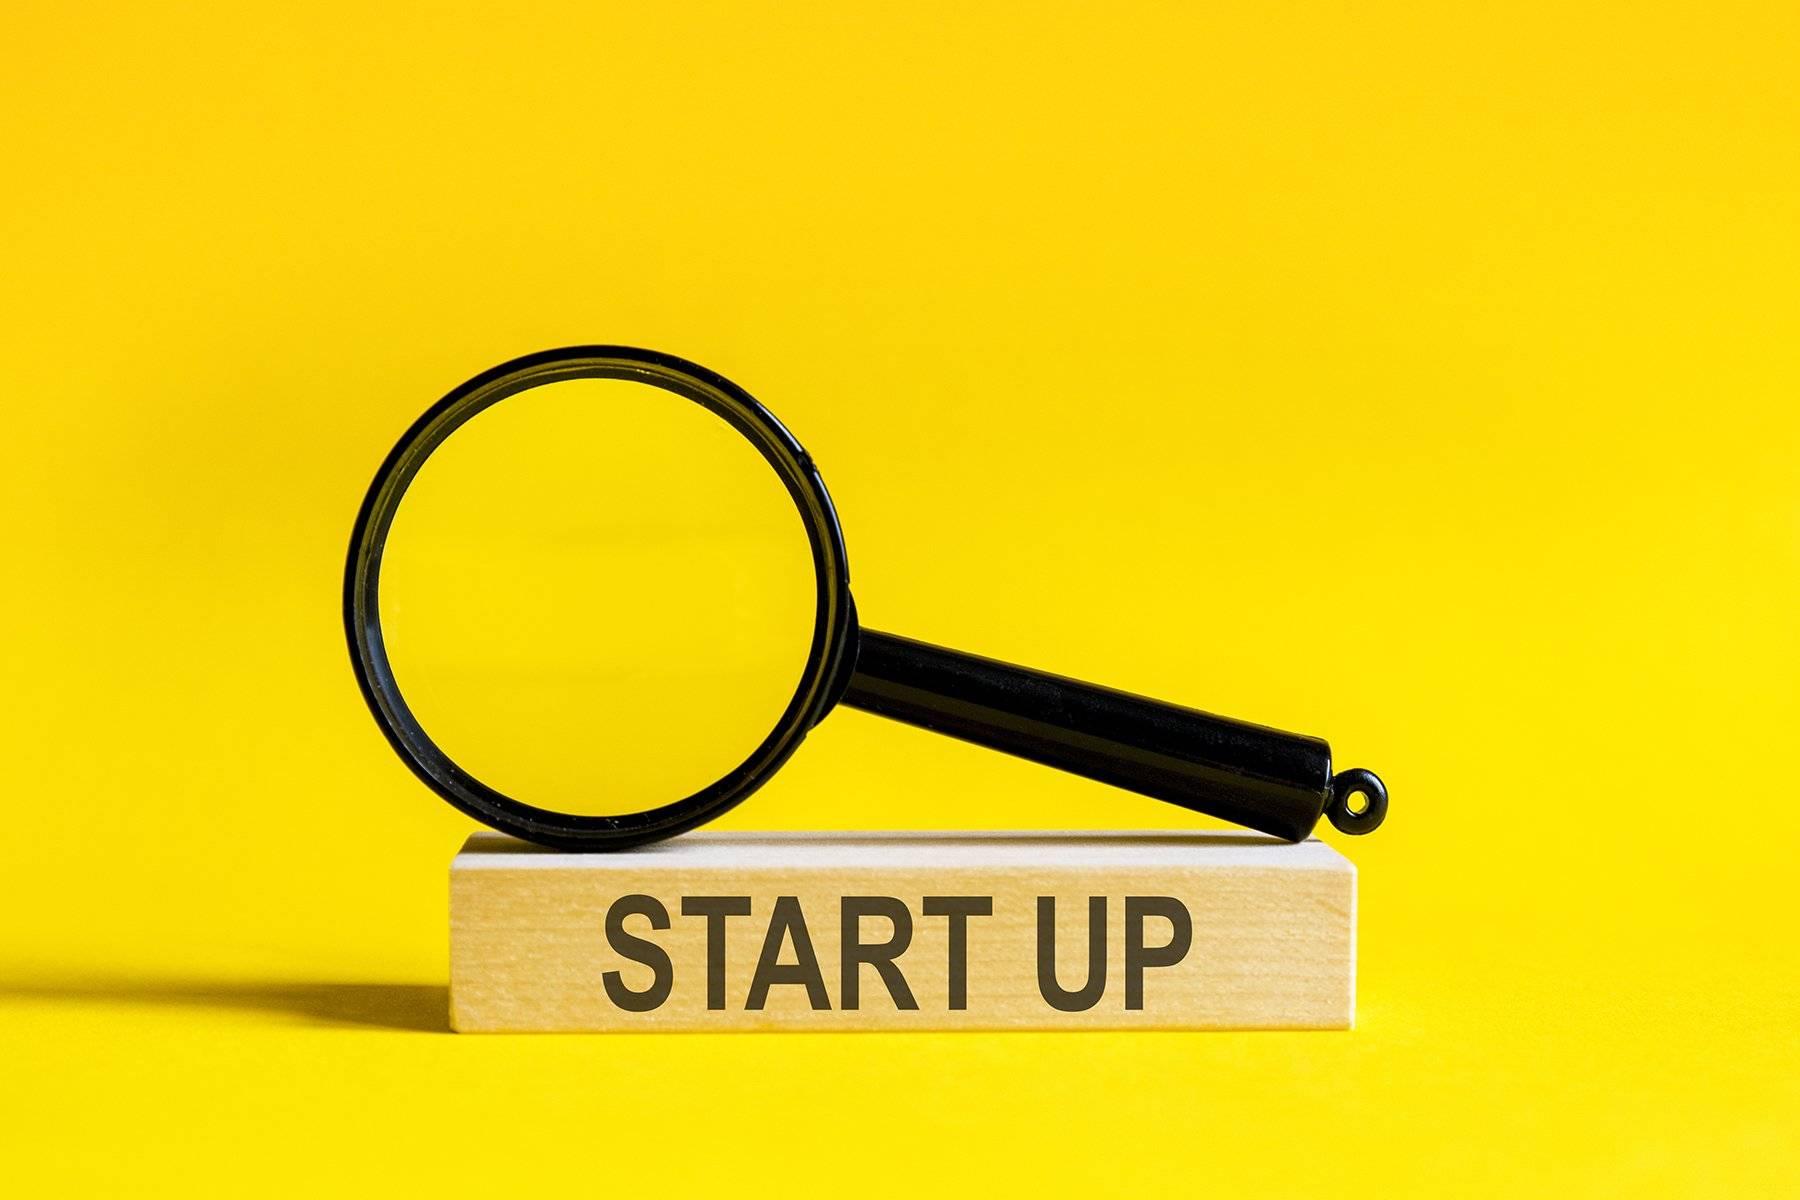 Startup, come farsi conoscere? 10 metodi infallibili per il tuo business